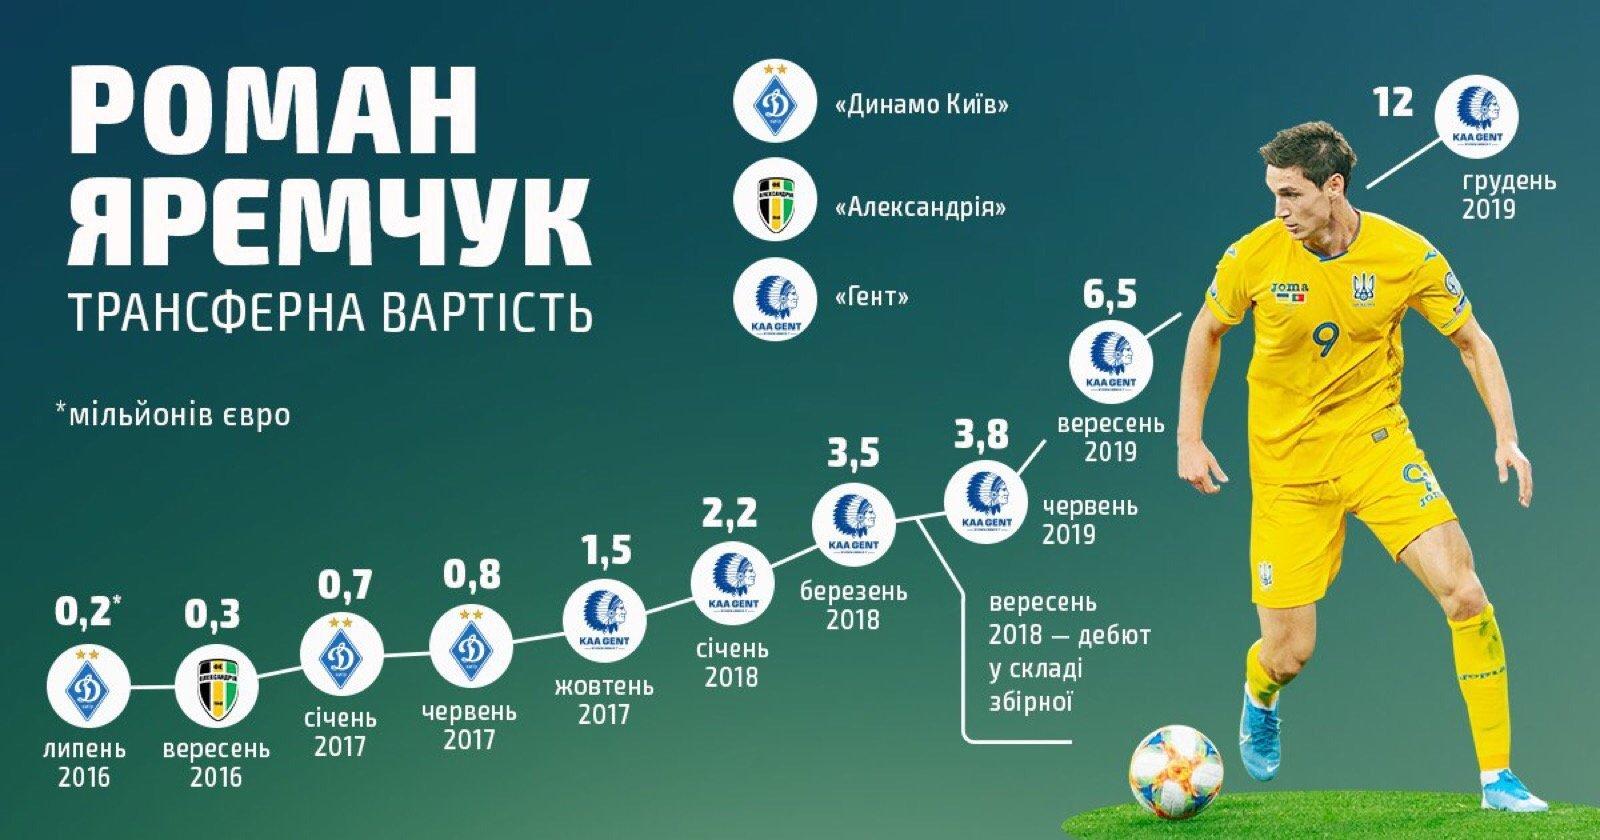 За рік виступів у збірній трансферна вартість Романа Яремчука виросла майже у 4 рази. Інфографіка - изображение 1